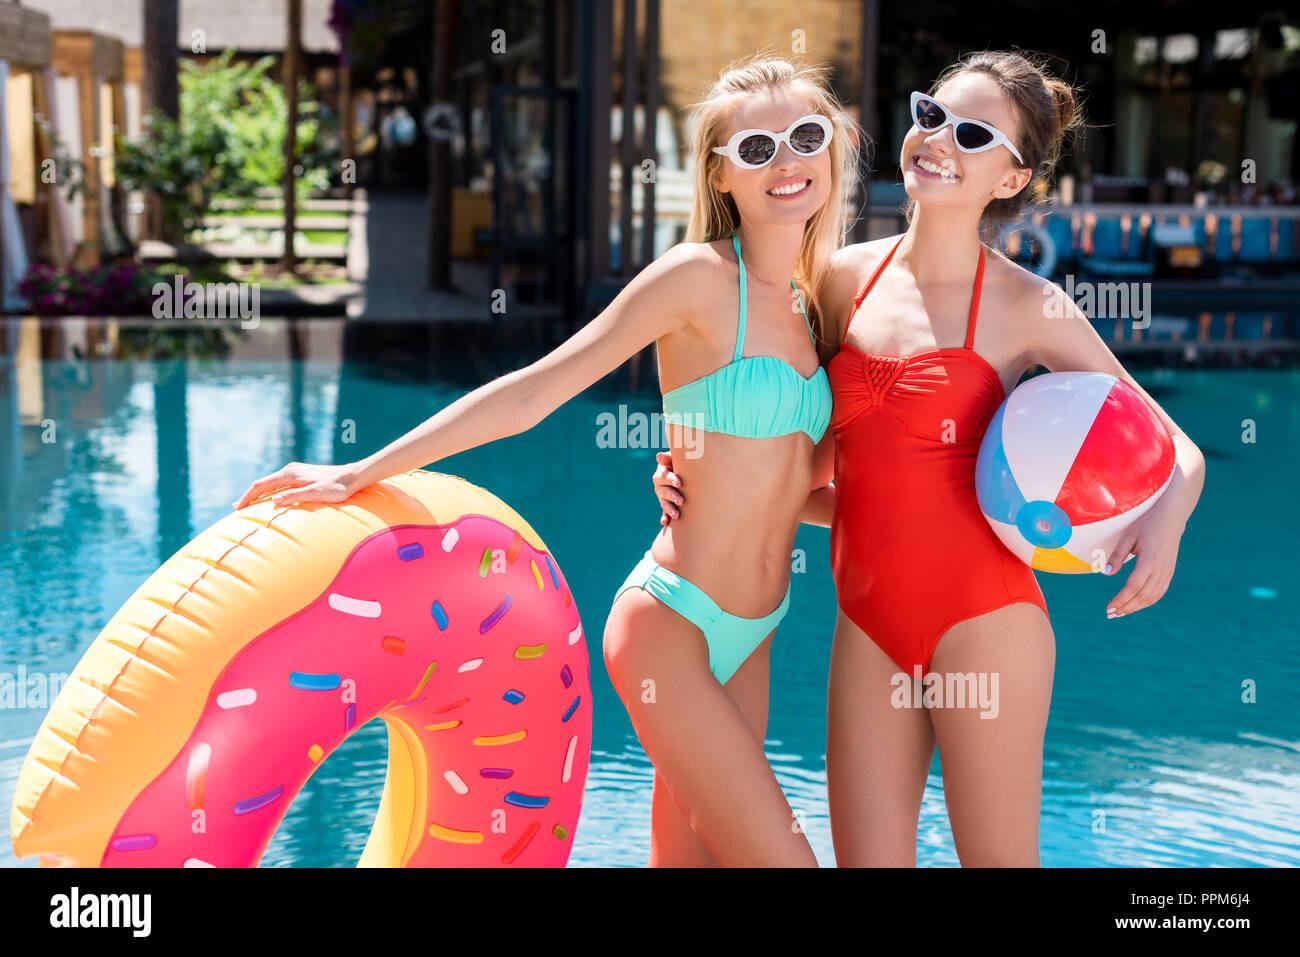 012a9d26fa6b Las mujeres jóvenes y atractivas con anillo hinchable con forma de ...